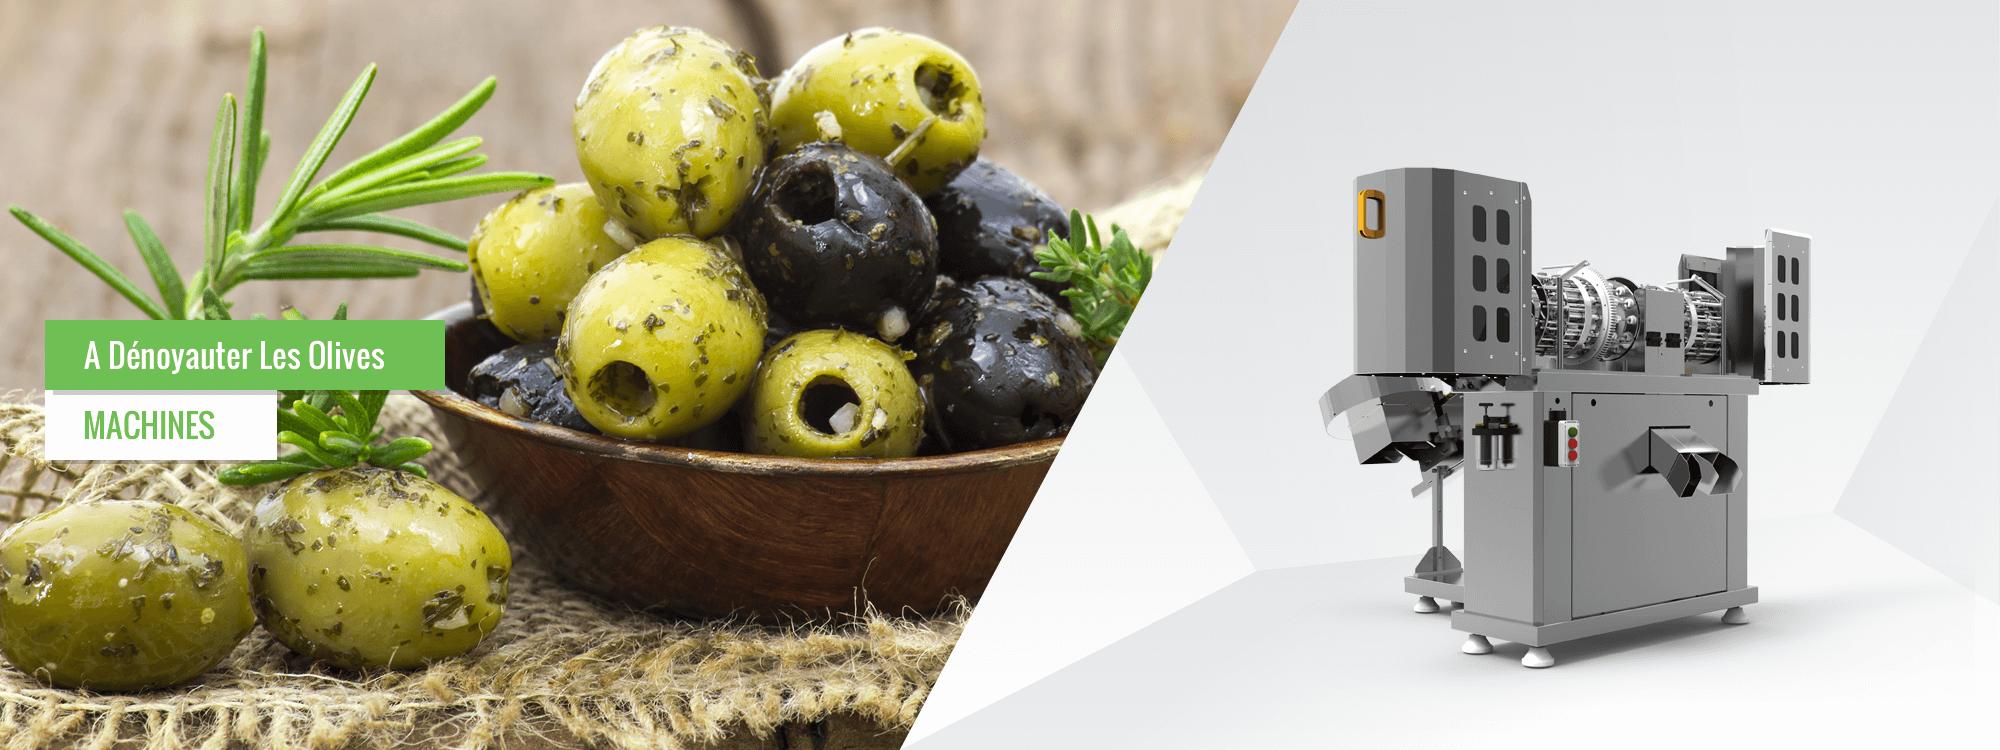 Zeytin Çekirdeği Çıkarma Makinaları FR